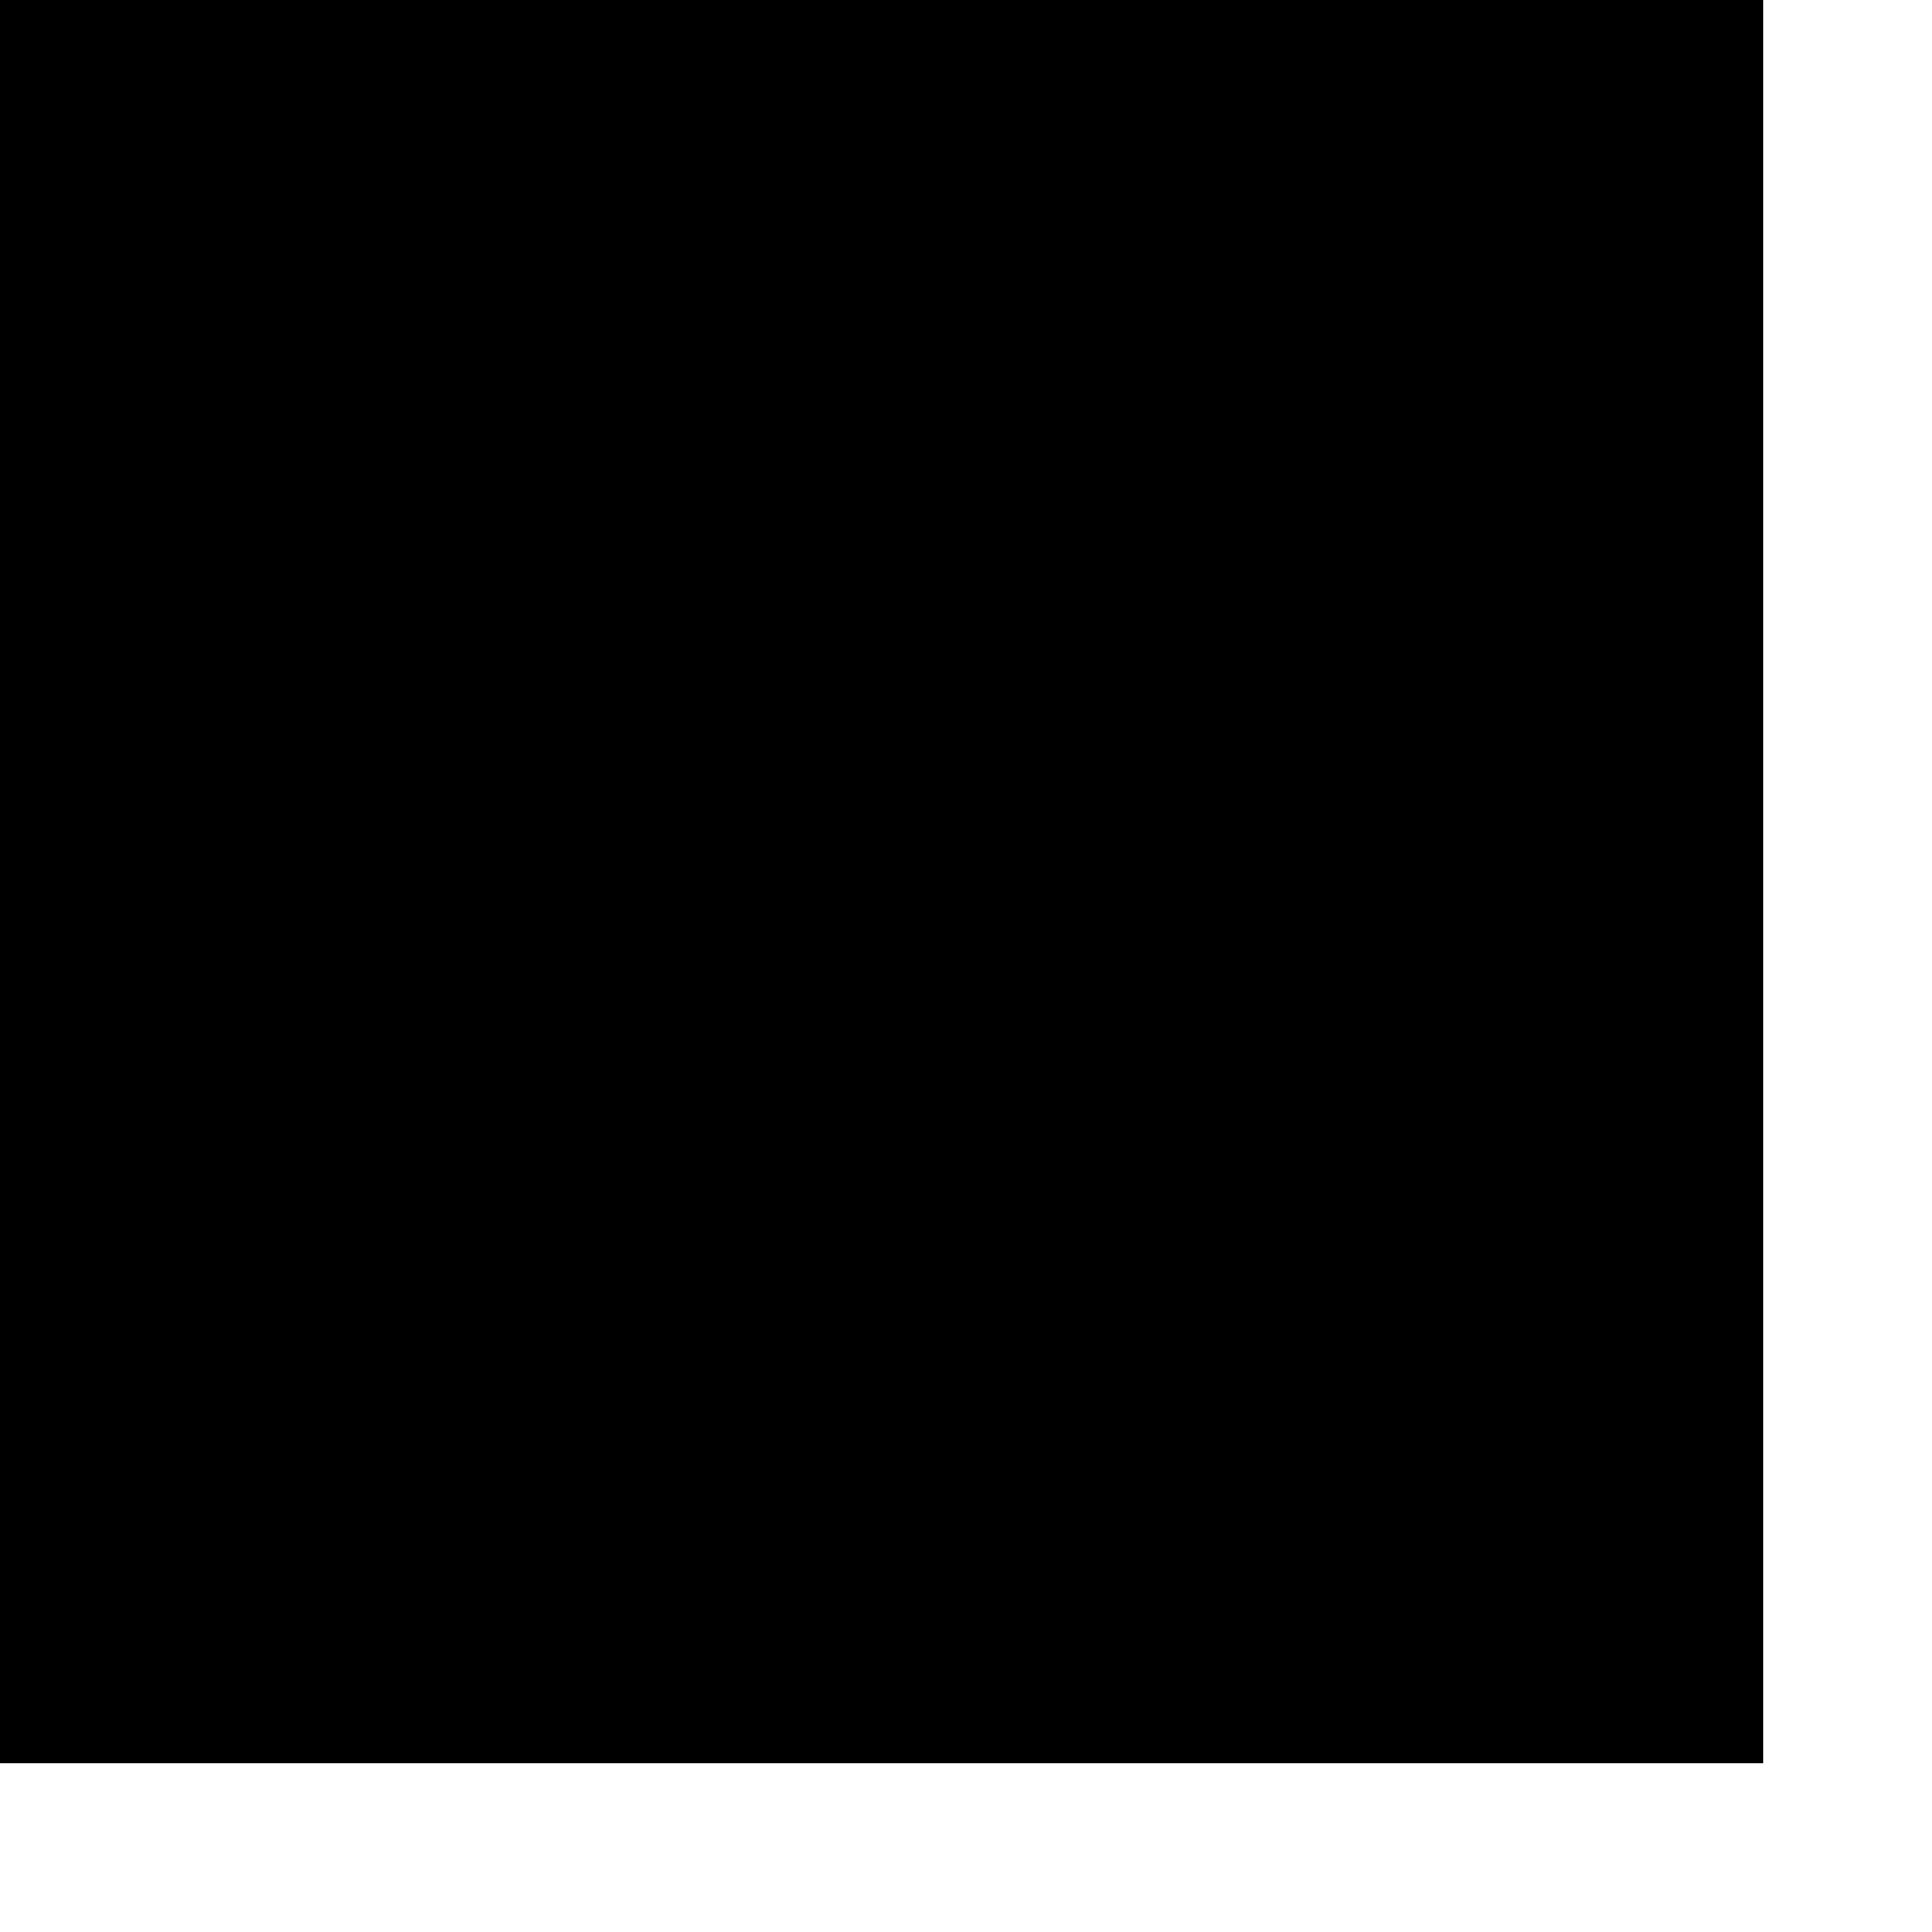 TUTKOVBUDKOV